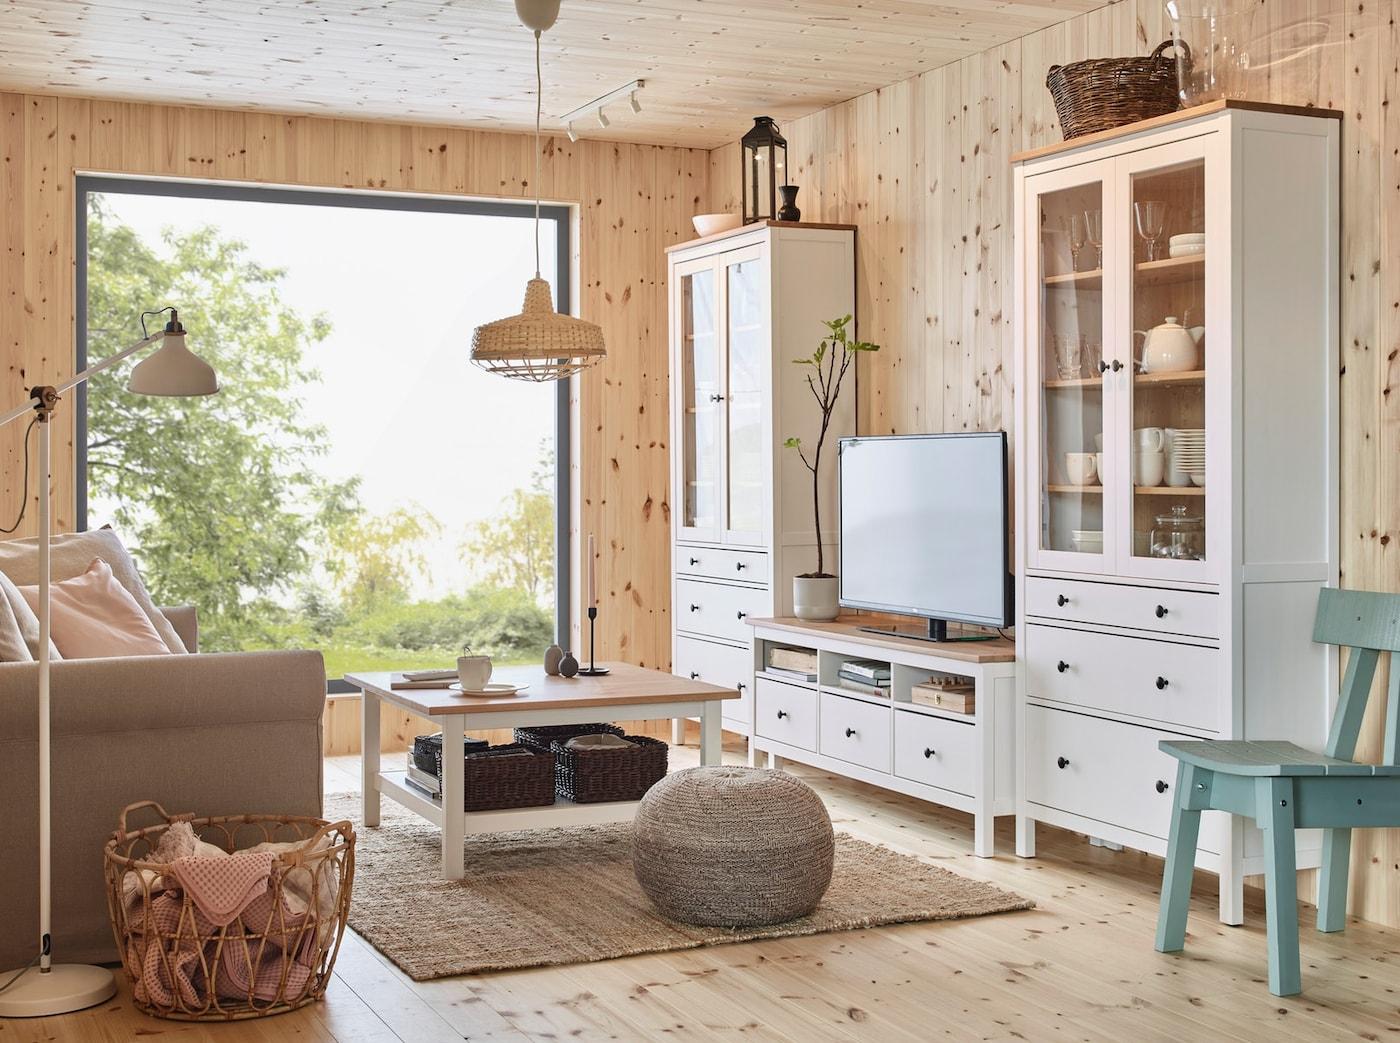 Ikea HEMNES für dein Wohnzimmer